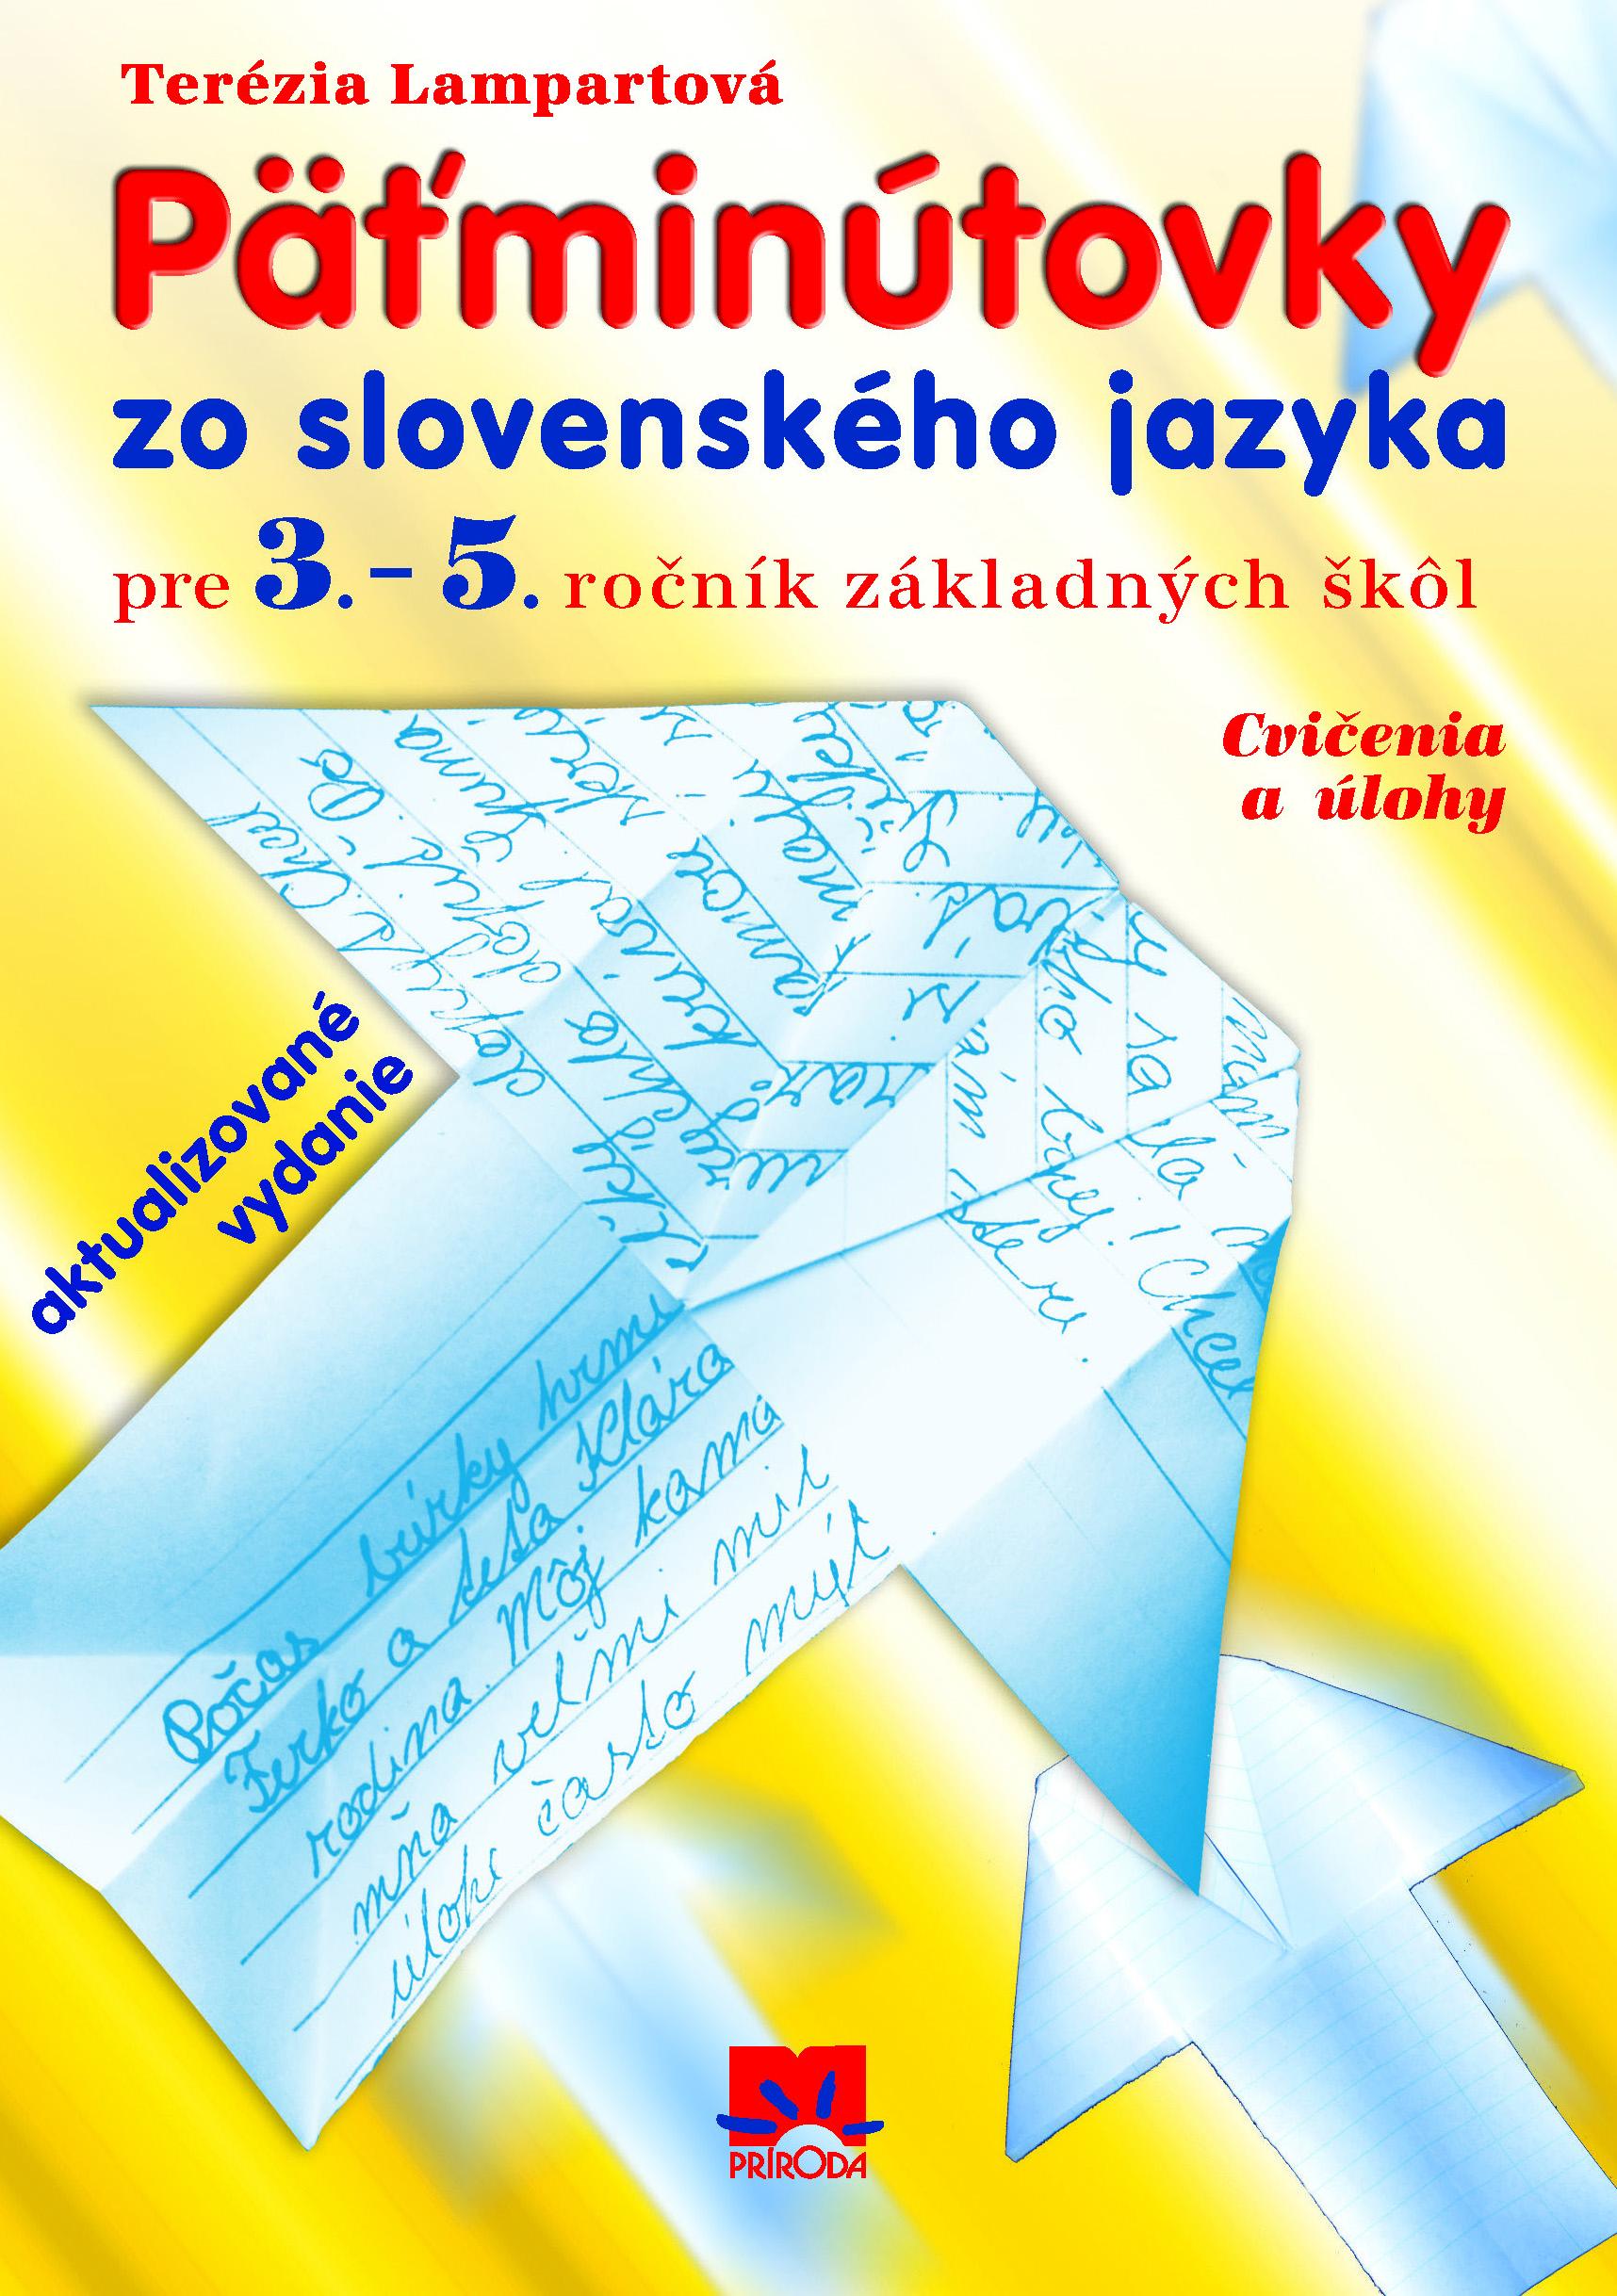 Päťminútovky zo slovenského jazyka - Pre 3. - 5. ročník základných škôl